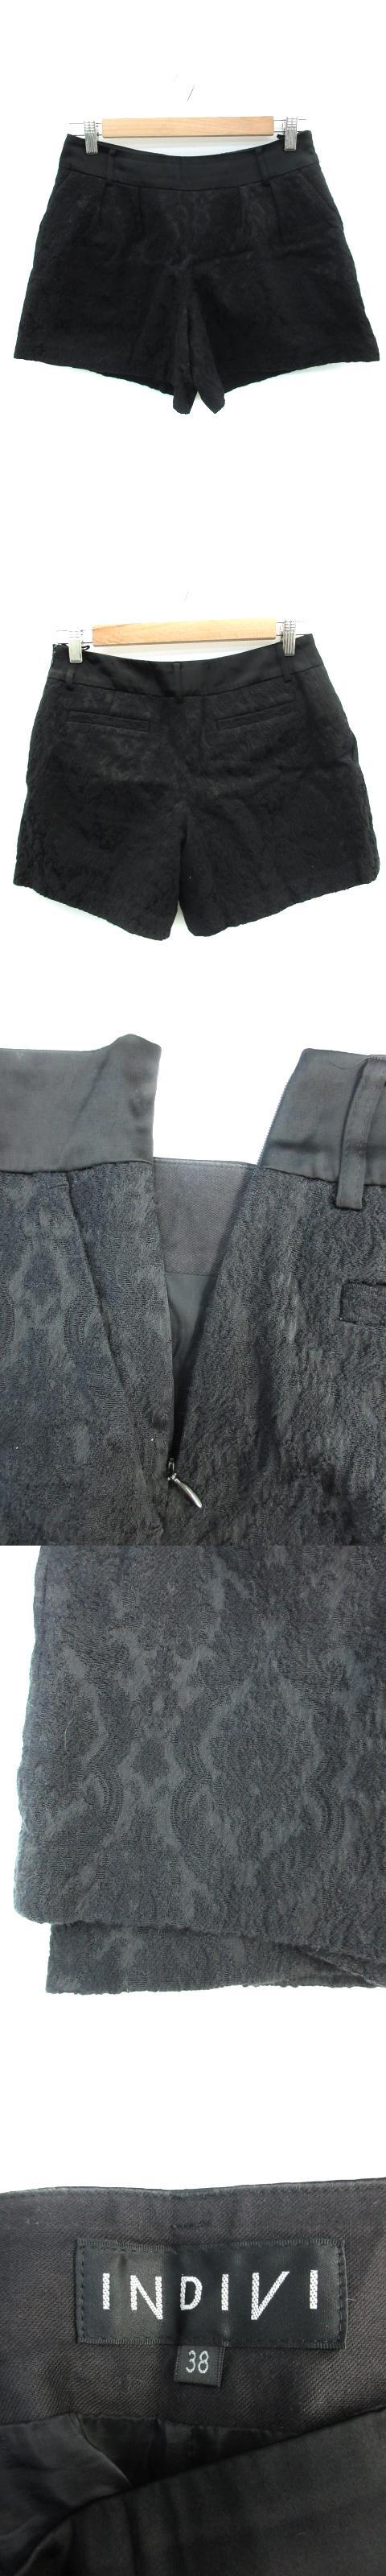 パンツ キュロット ショート 短パン 総裏地 レース 38 黒 ブラック /FF8